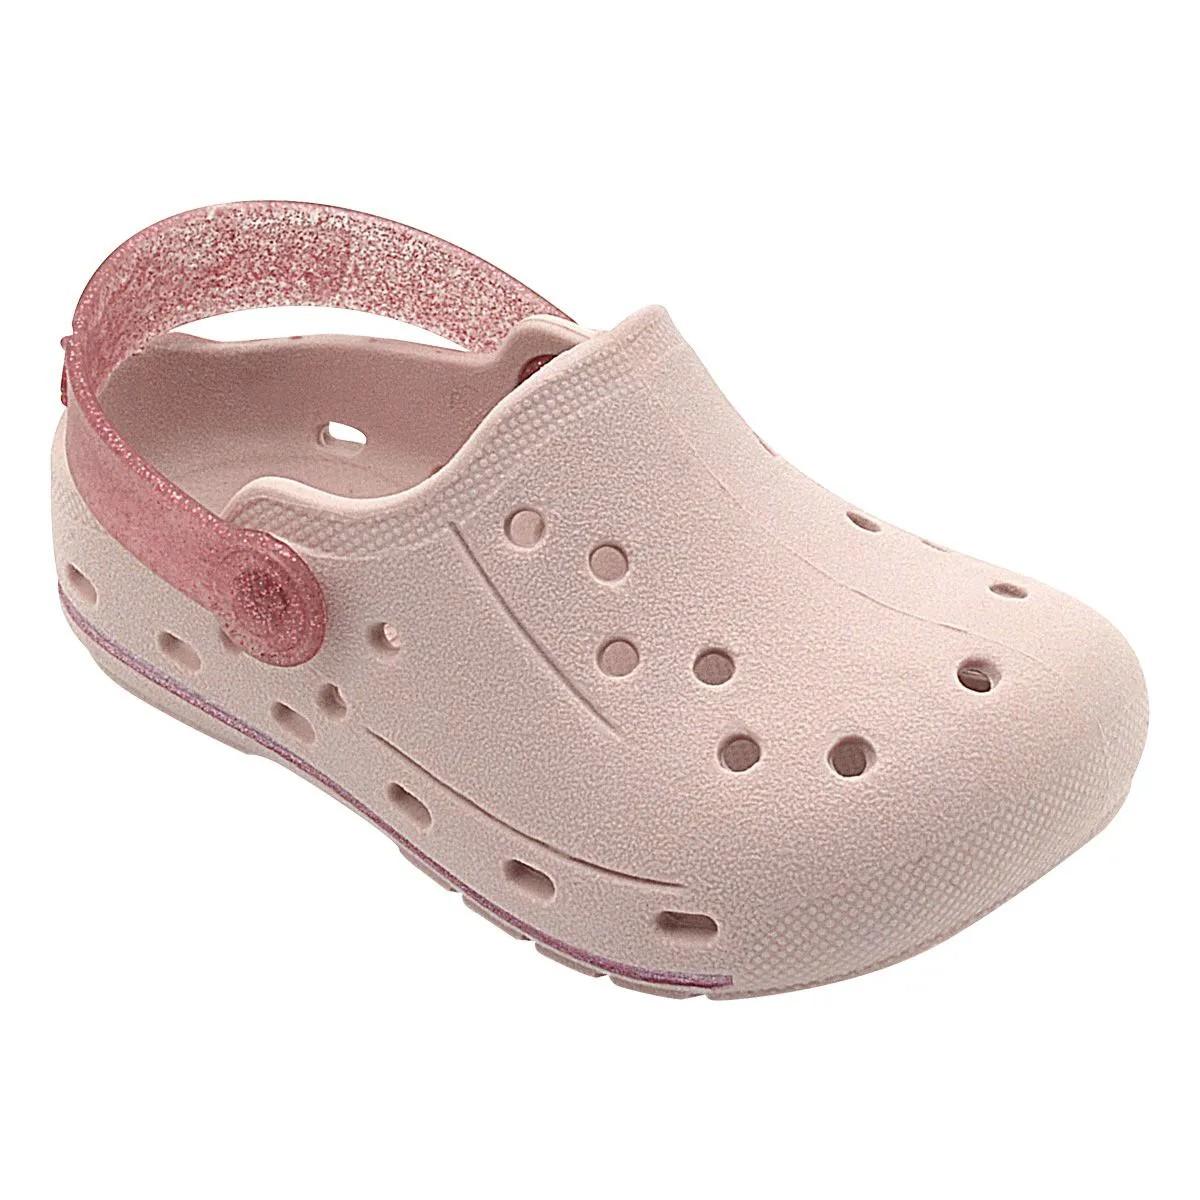 Babuche Infantil Rosa Claro e Glitter Feminino